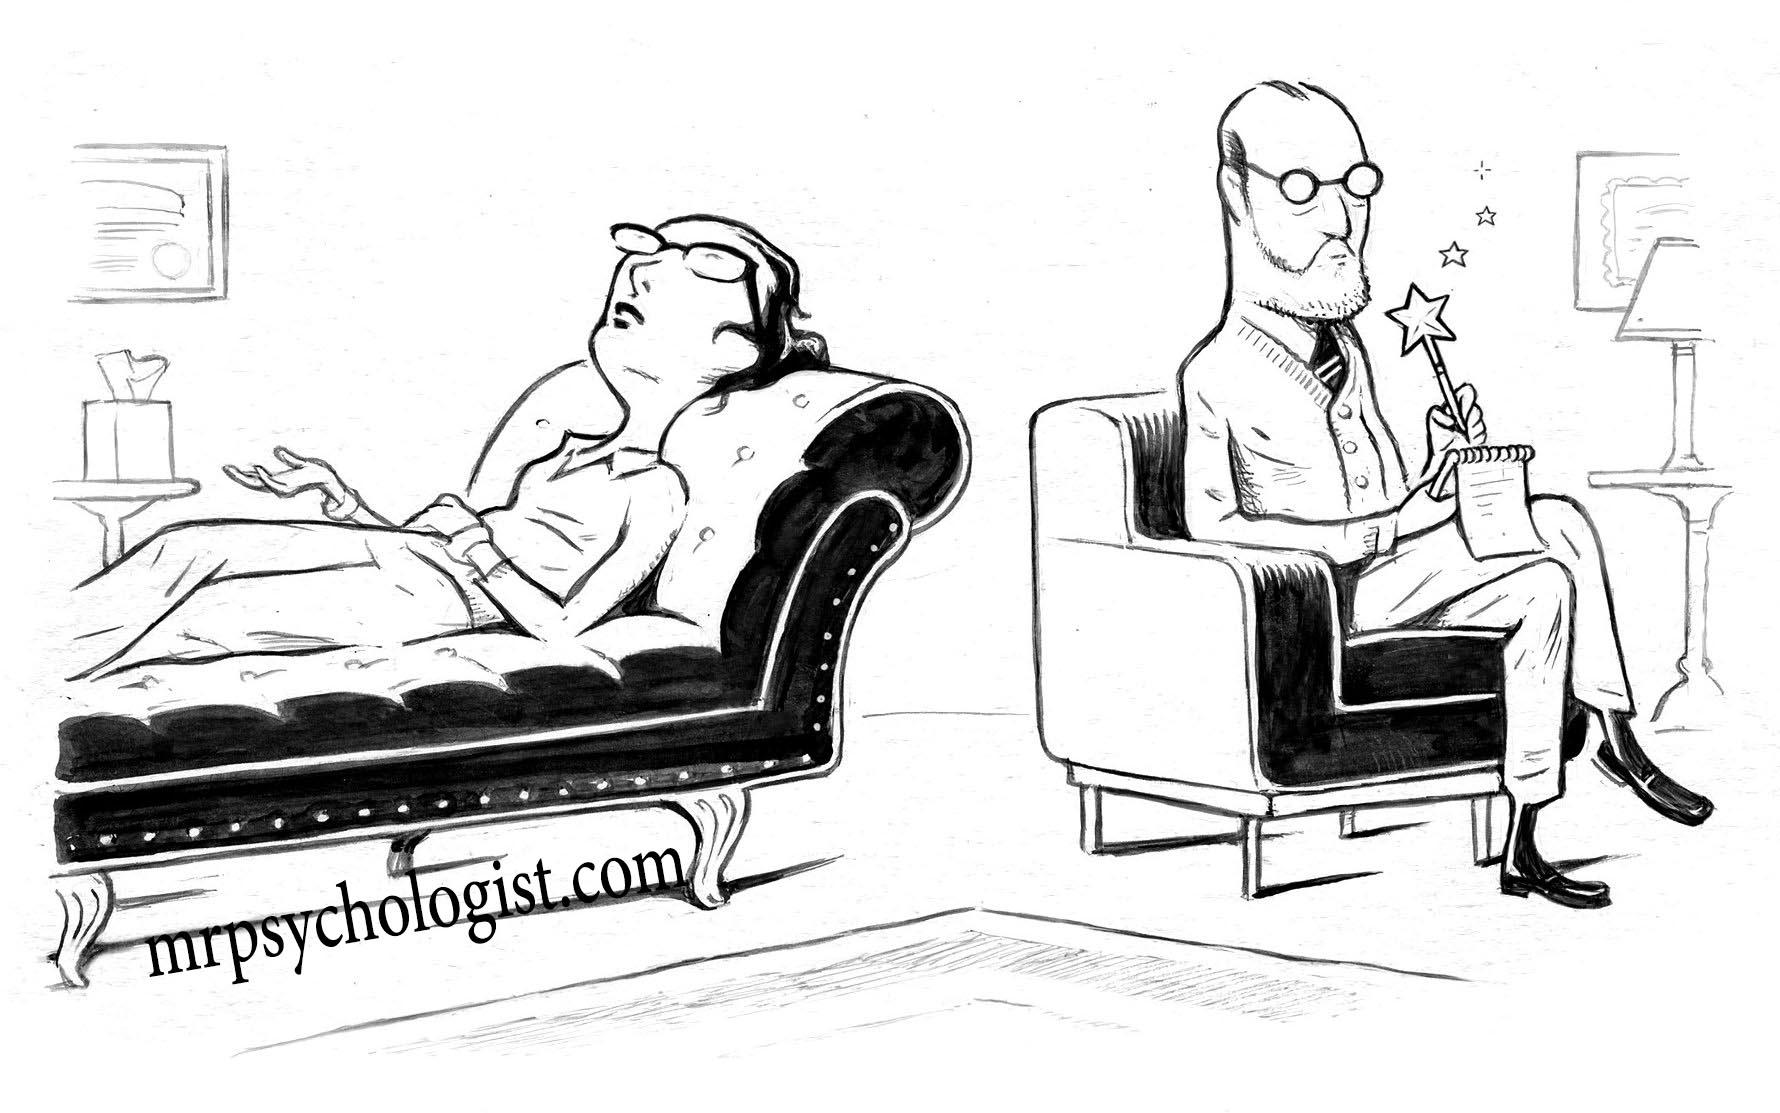 روانشناسی و مشاوره غیر حضوری رایگان آنلاین